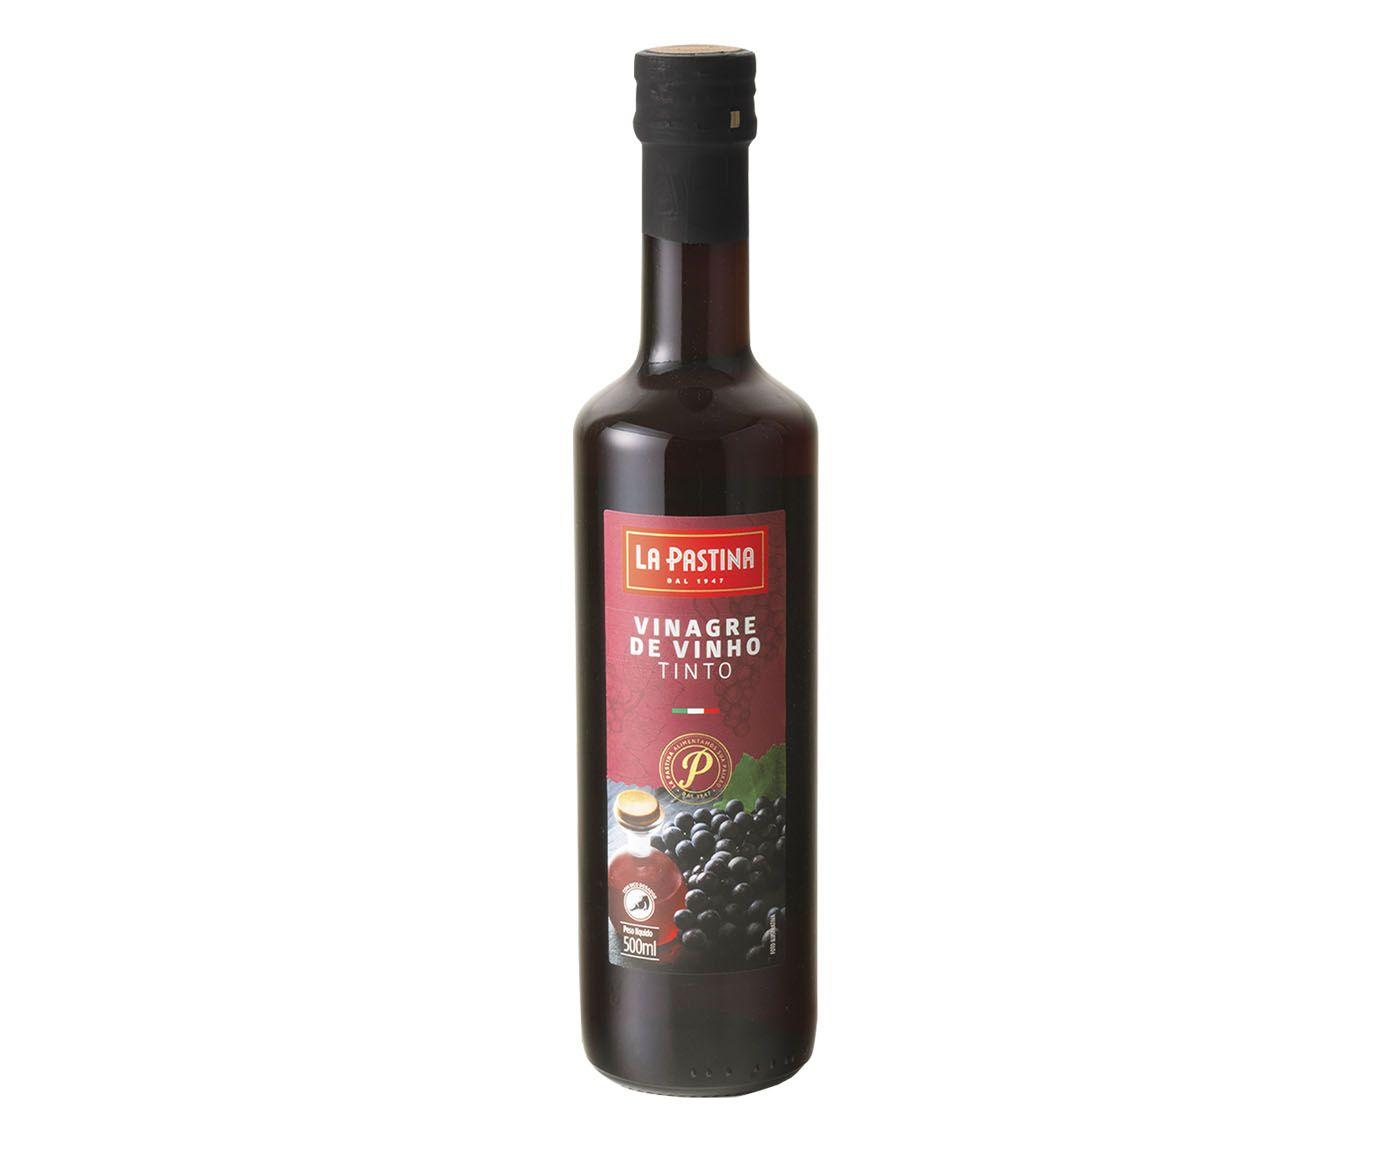 Vinagre de Vinho Tinto La Pastina - 500ml | Westwing.com.br